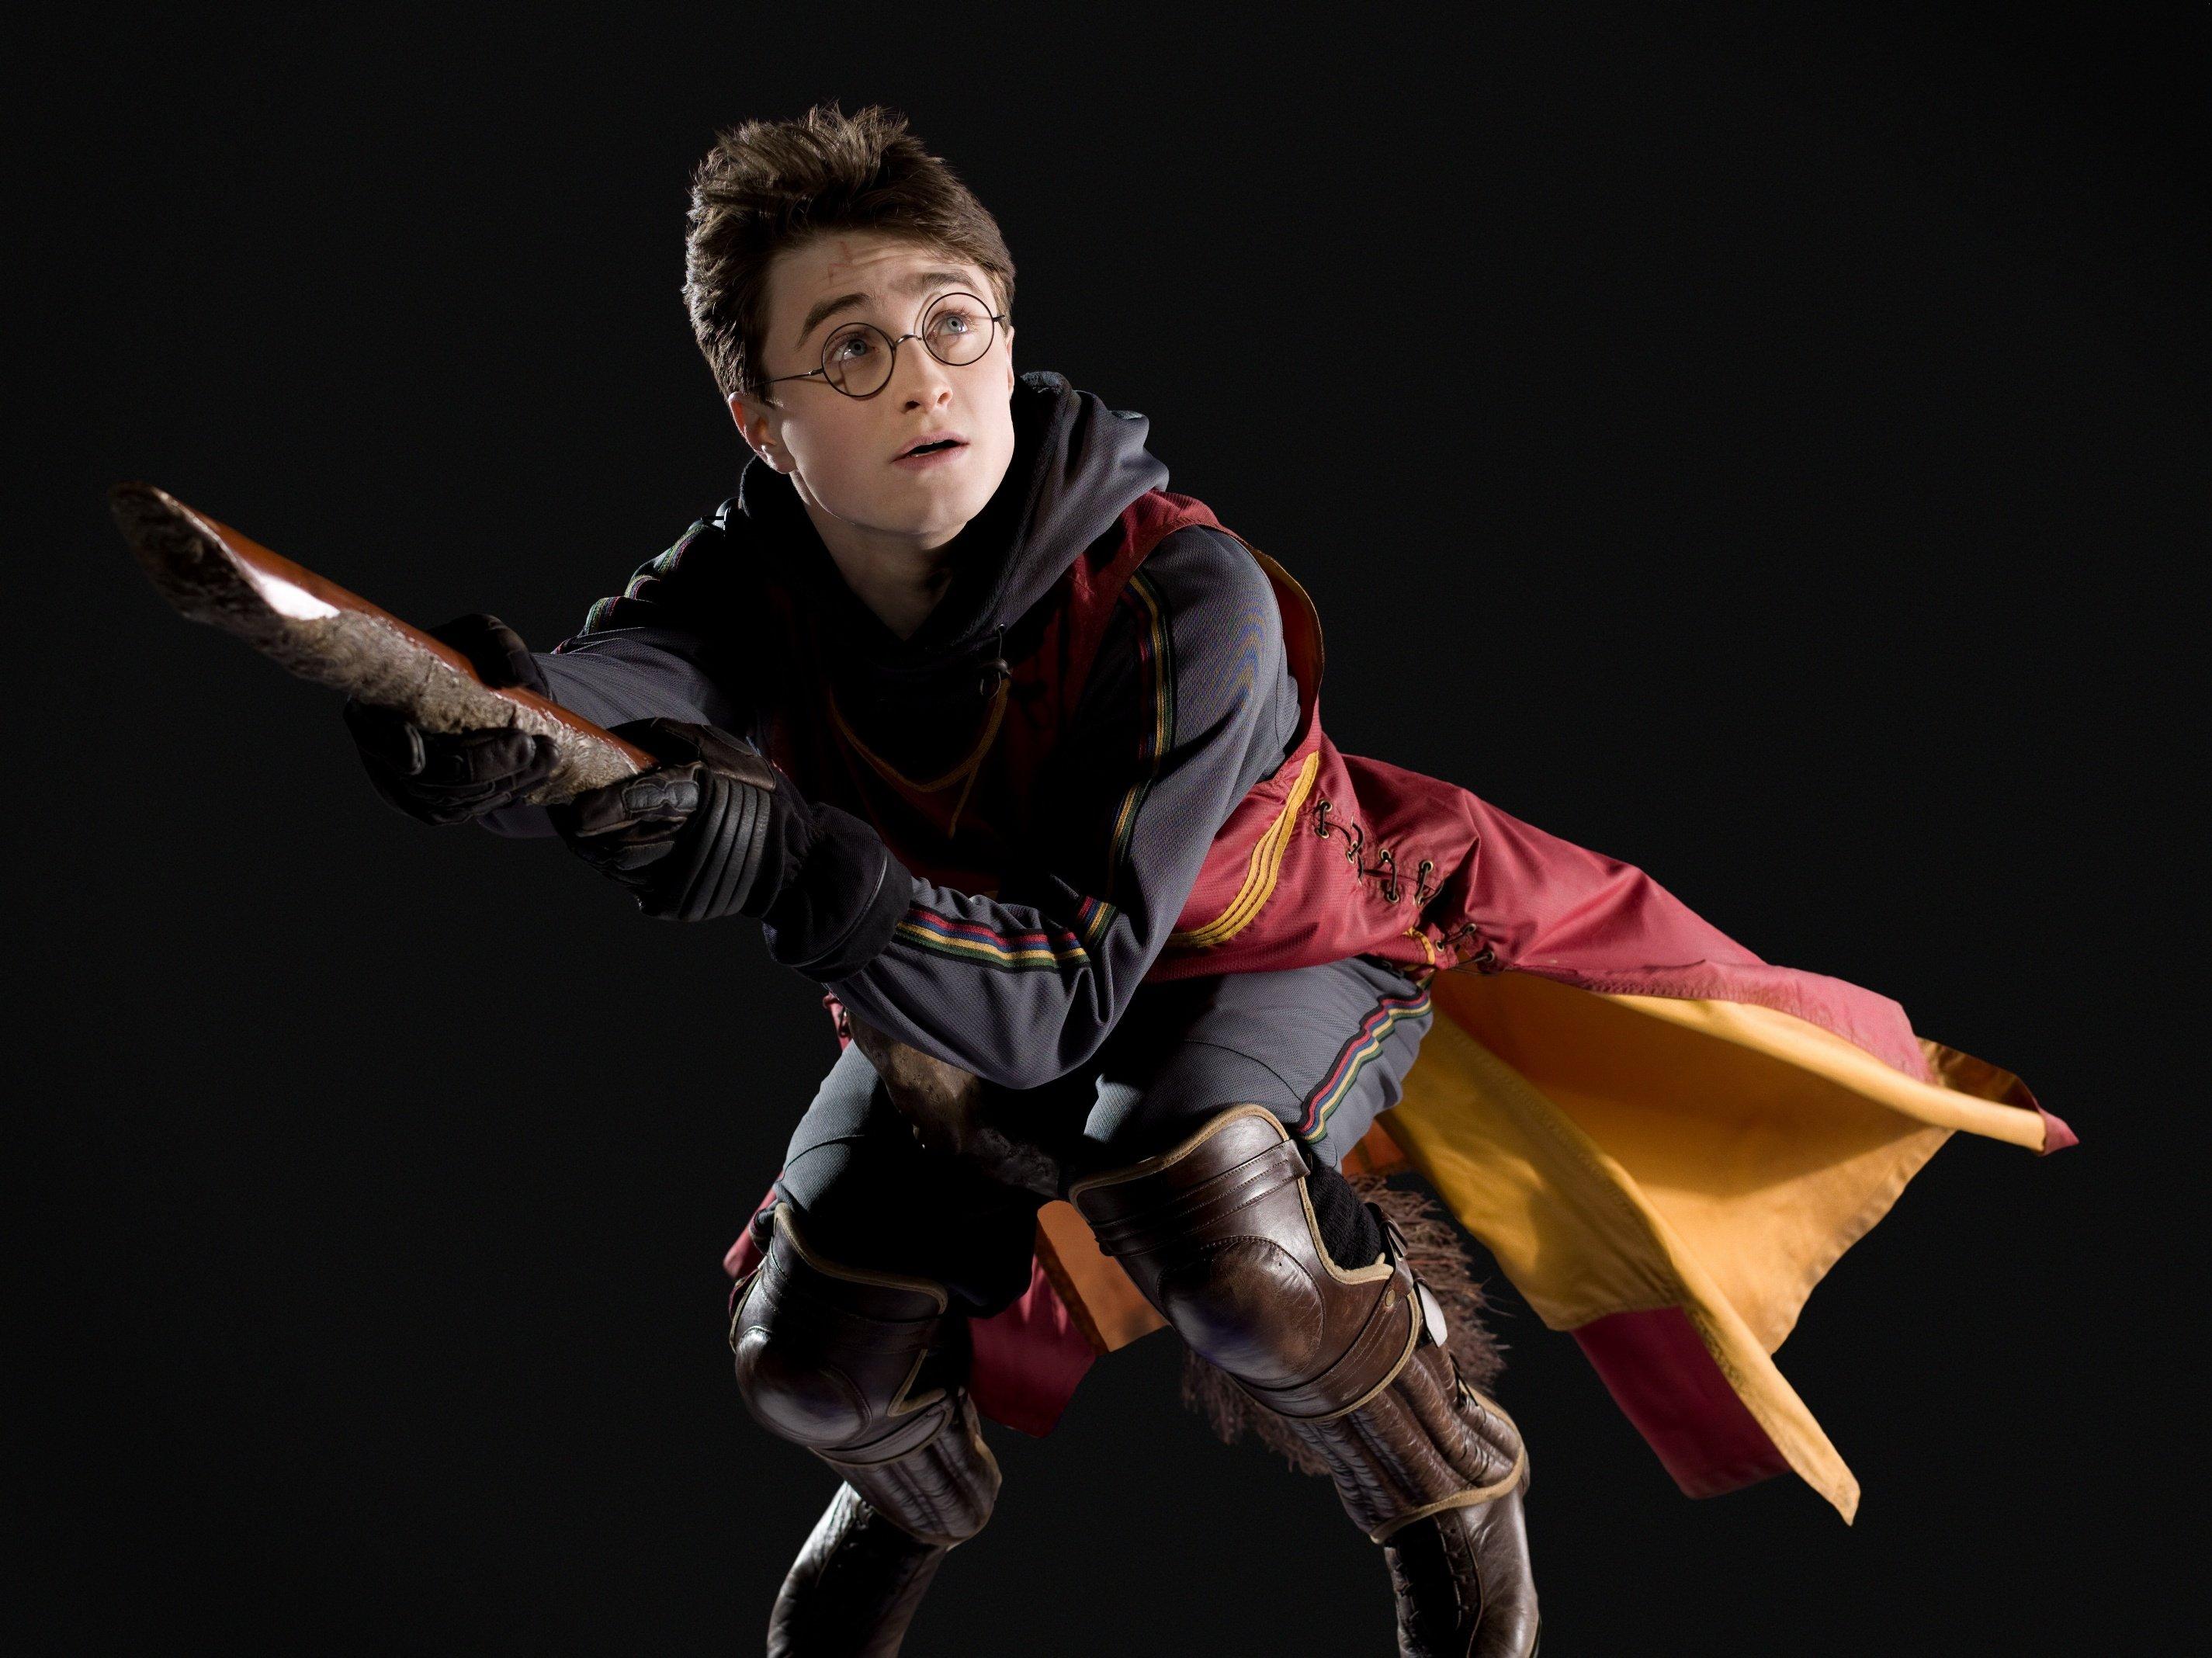 Dessins En Couleurs A Imprimer Harry Potter Numero 367764